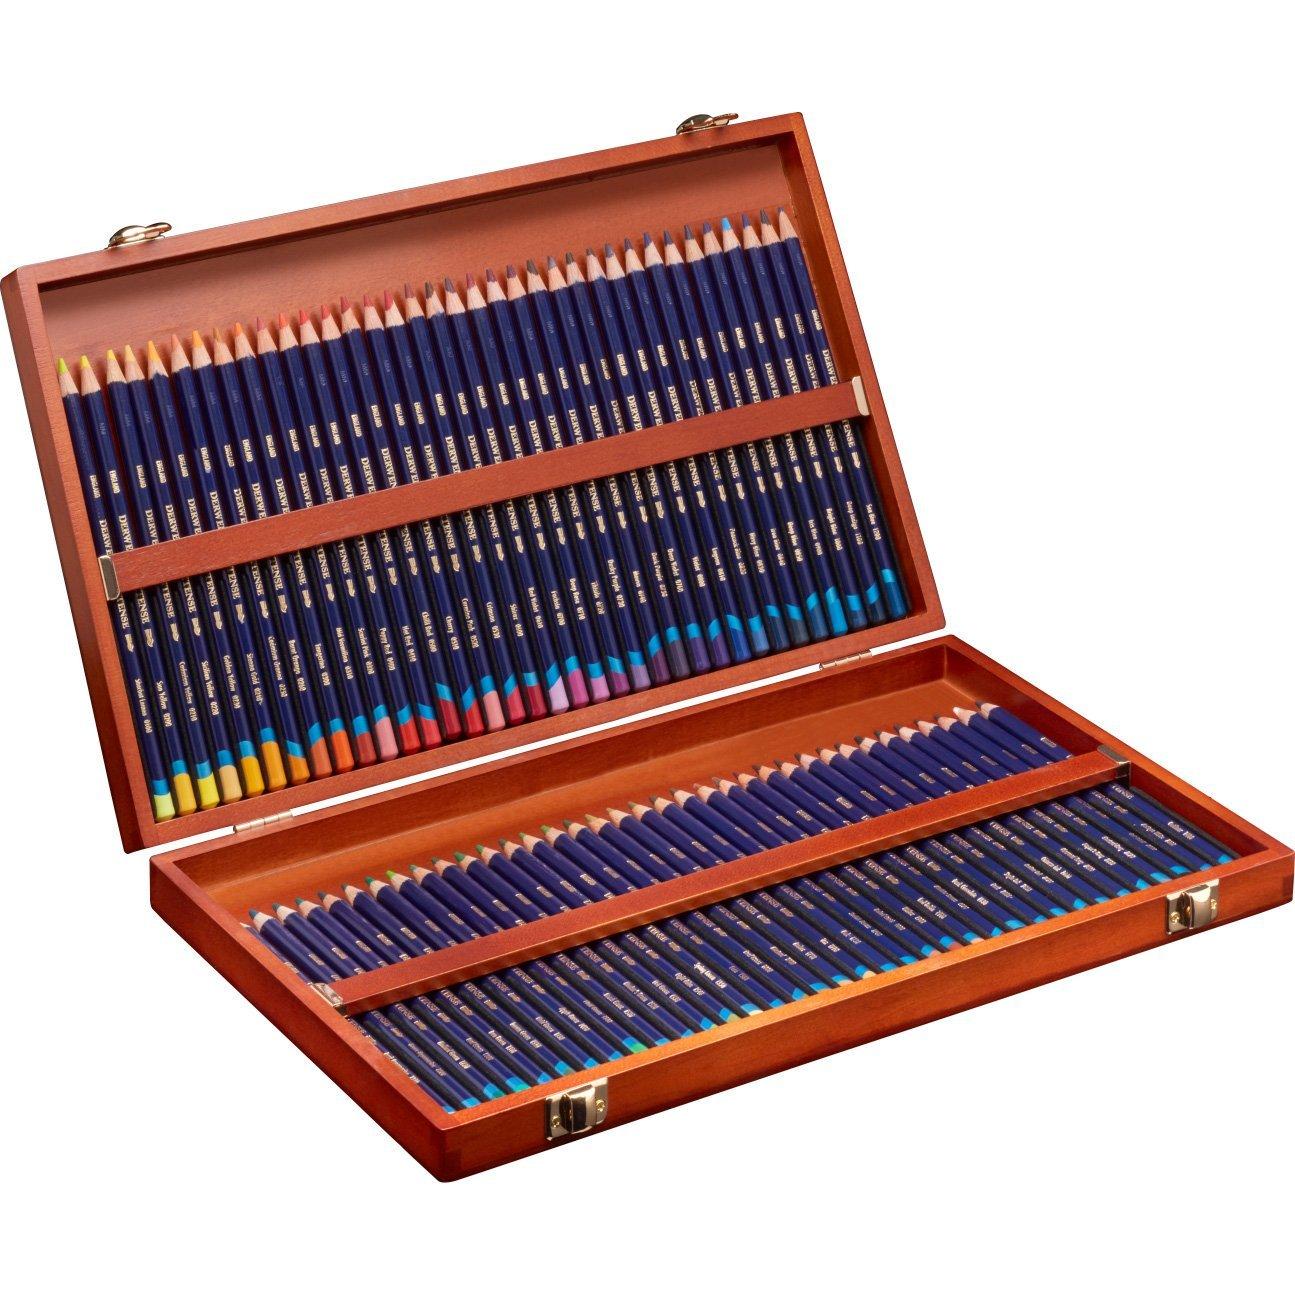 Derwent - Inktense Pencils, 72 Wooden Box